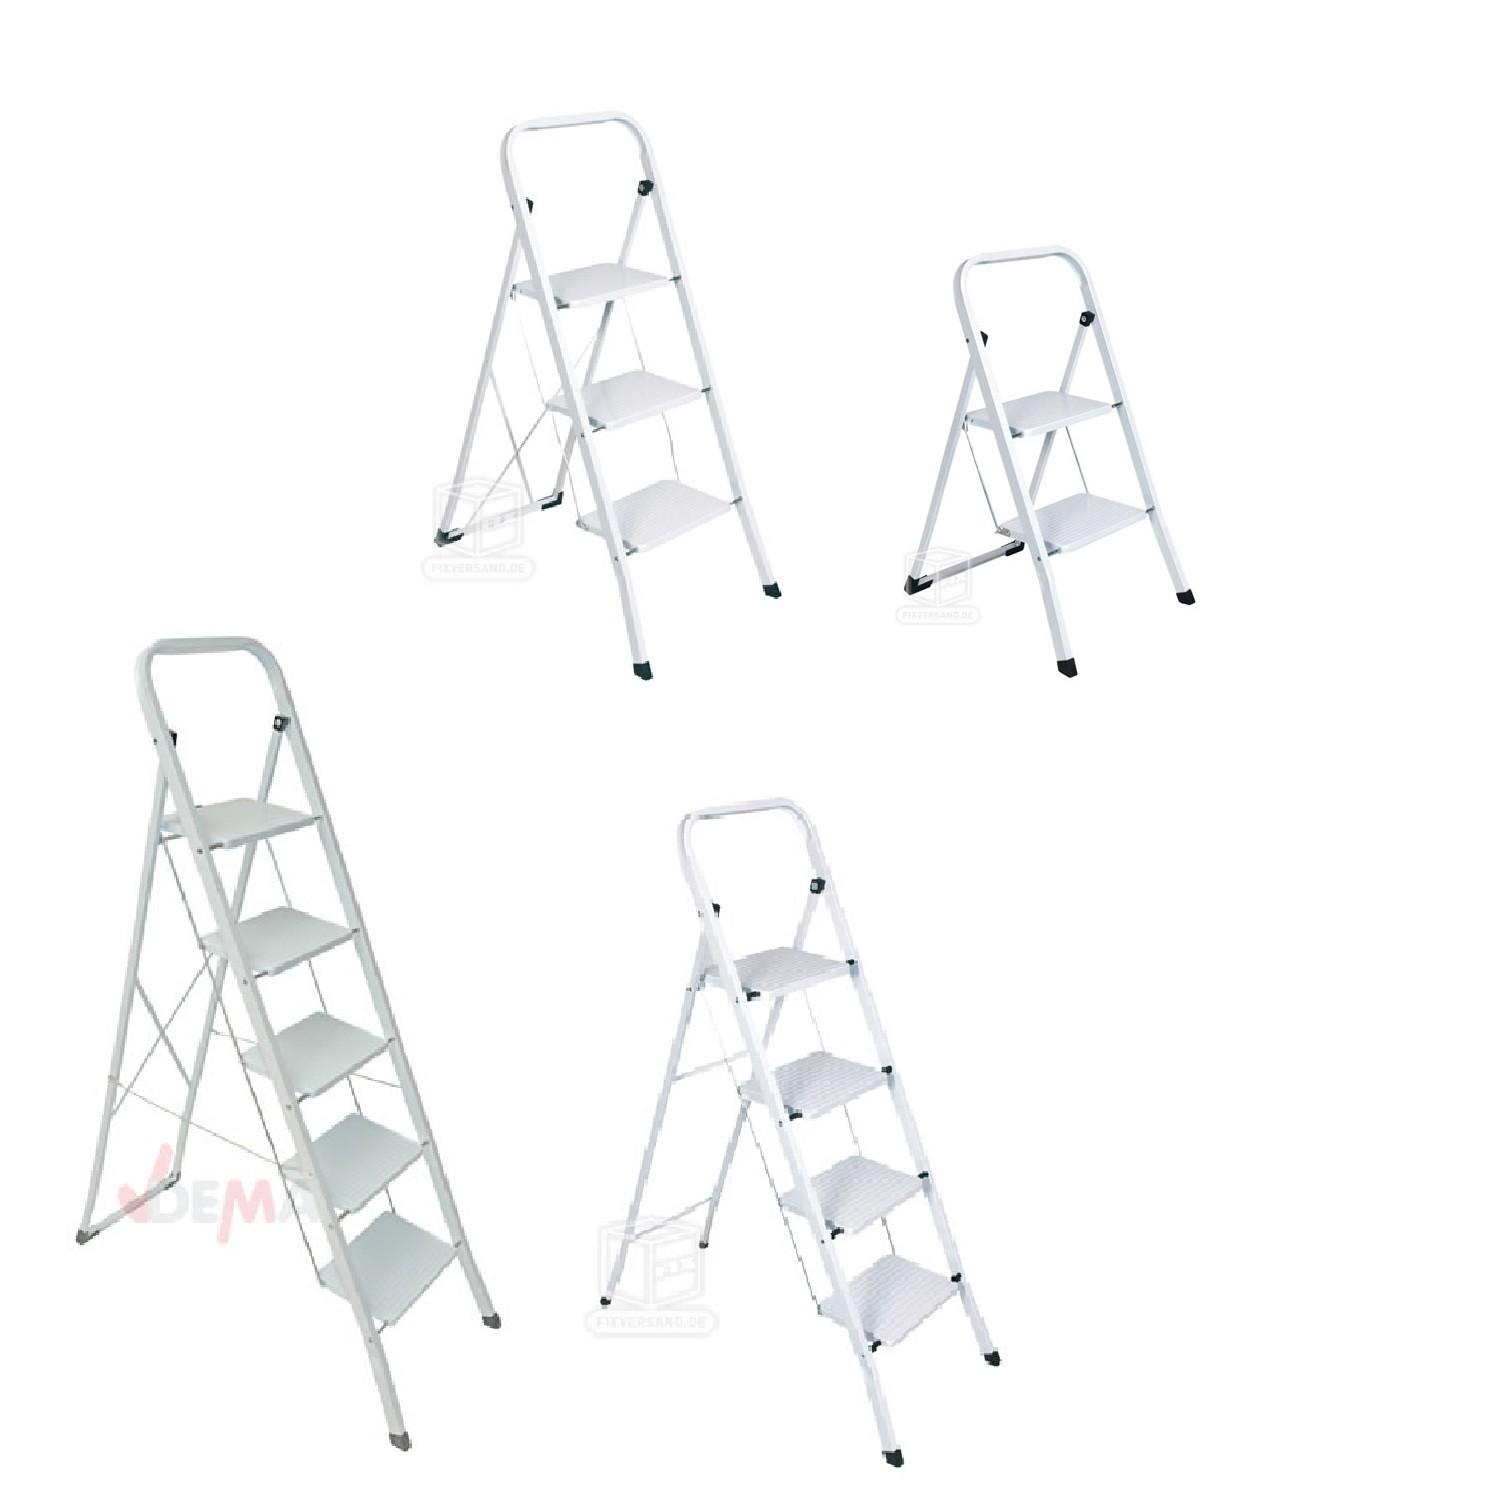 stahl haushaltsleiter klapptritt leiter 2 3 4 5 stufen stehleiter auswahl ebay. Black Bedroom Furniture Sets. Home Design Ideas